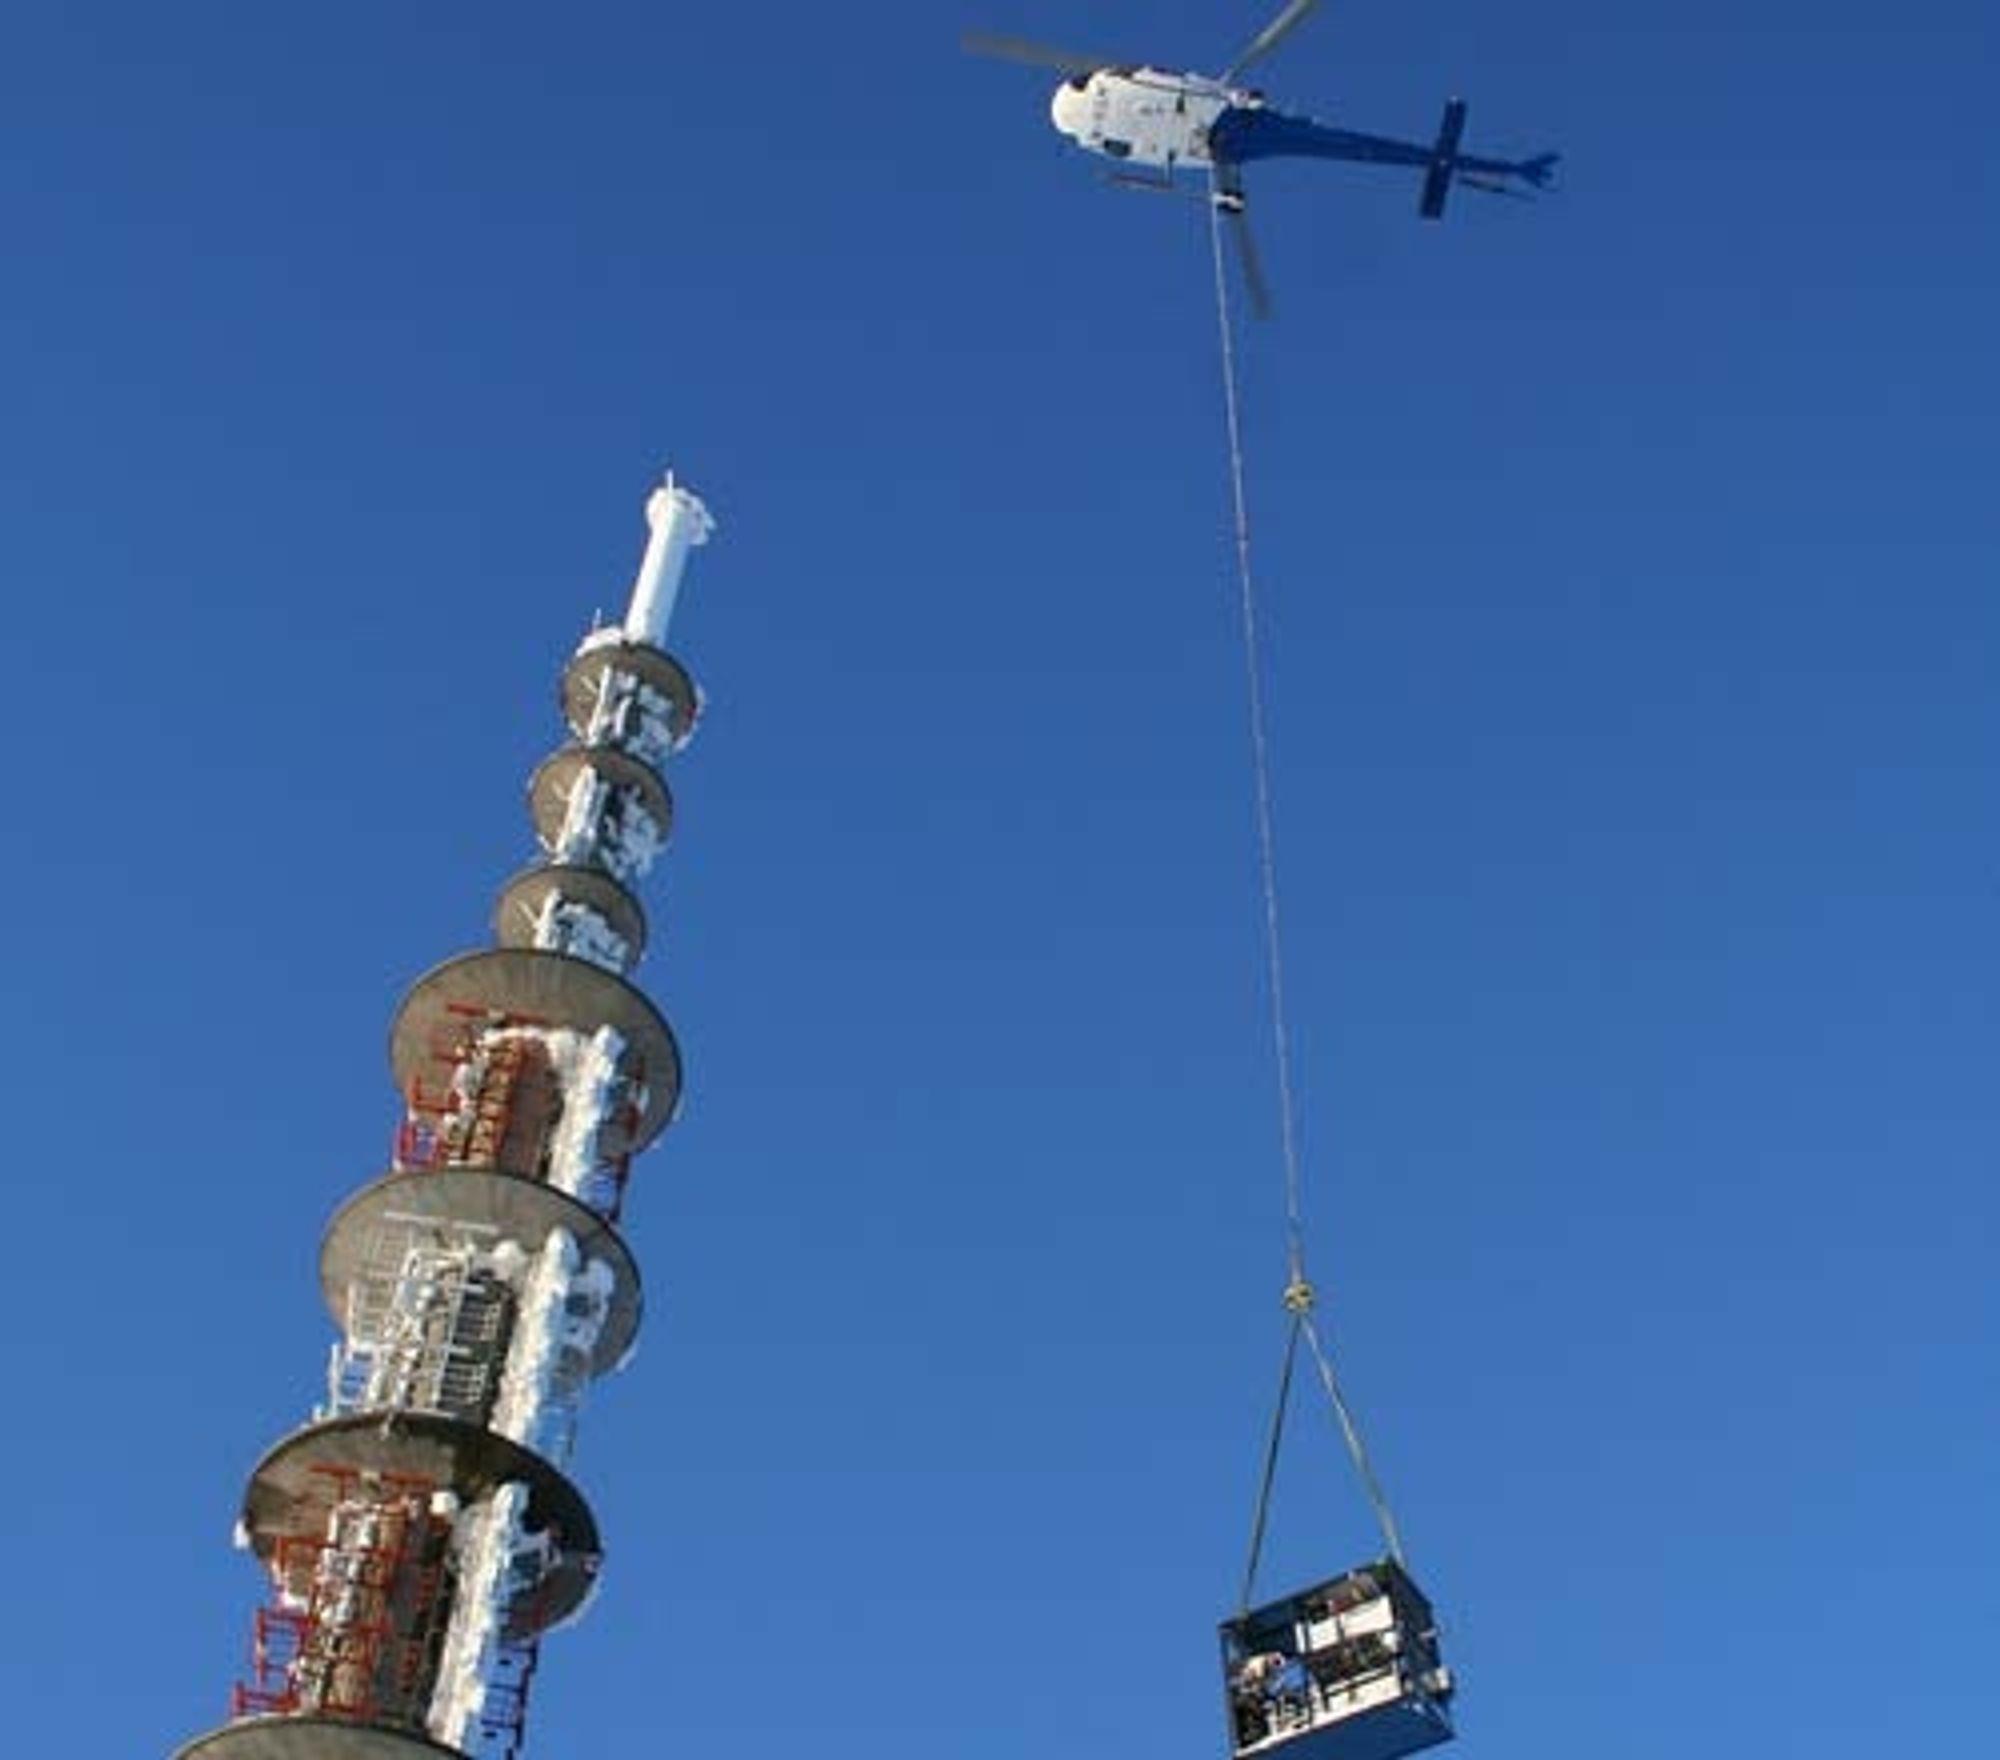 KLAR FOR ÅPNING: Mange av senderne til bakkenettet klare for åpning lørdag. Her flys utstyret ii til Jonsknutensenderen. Arkivbilde